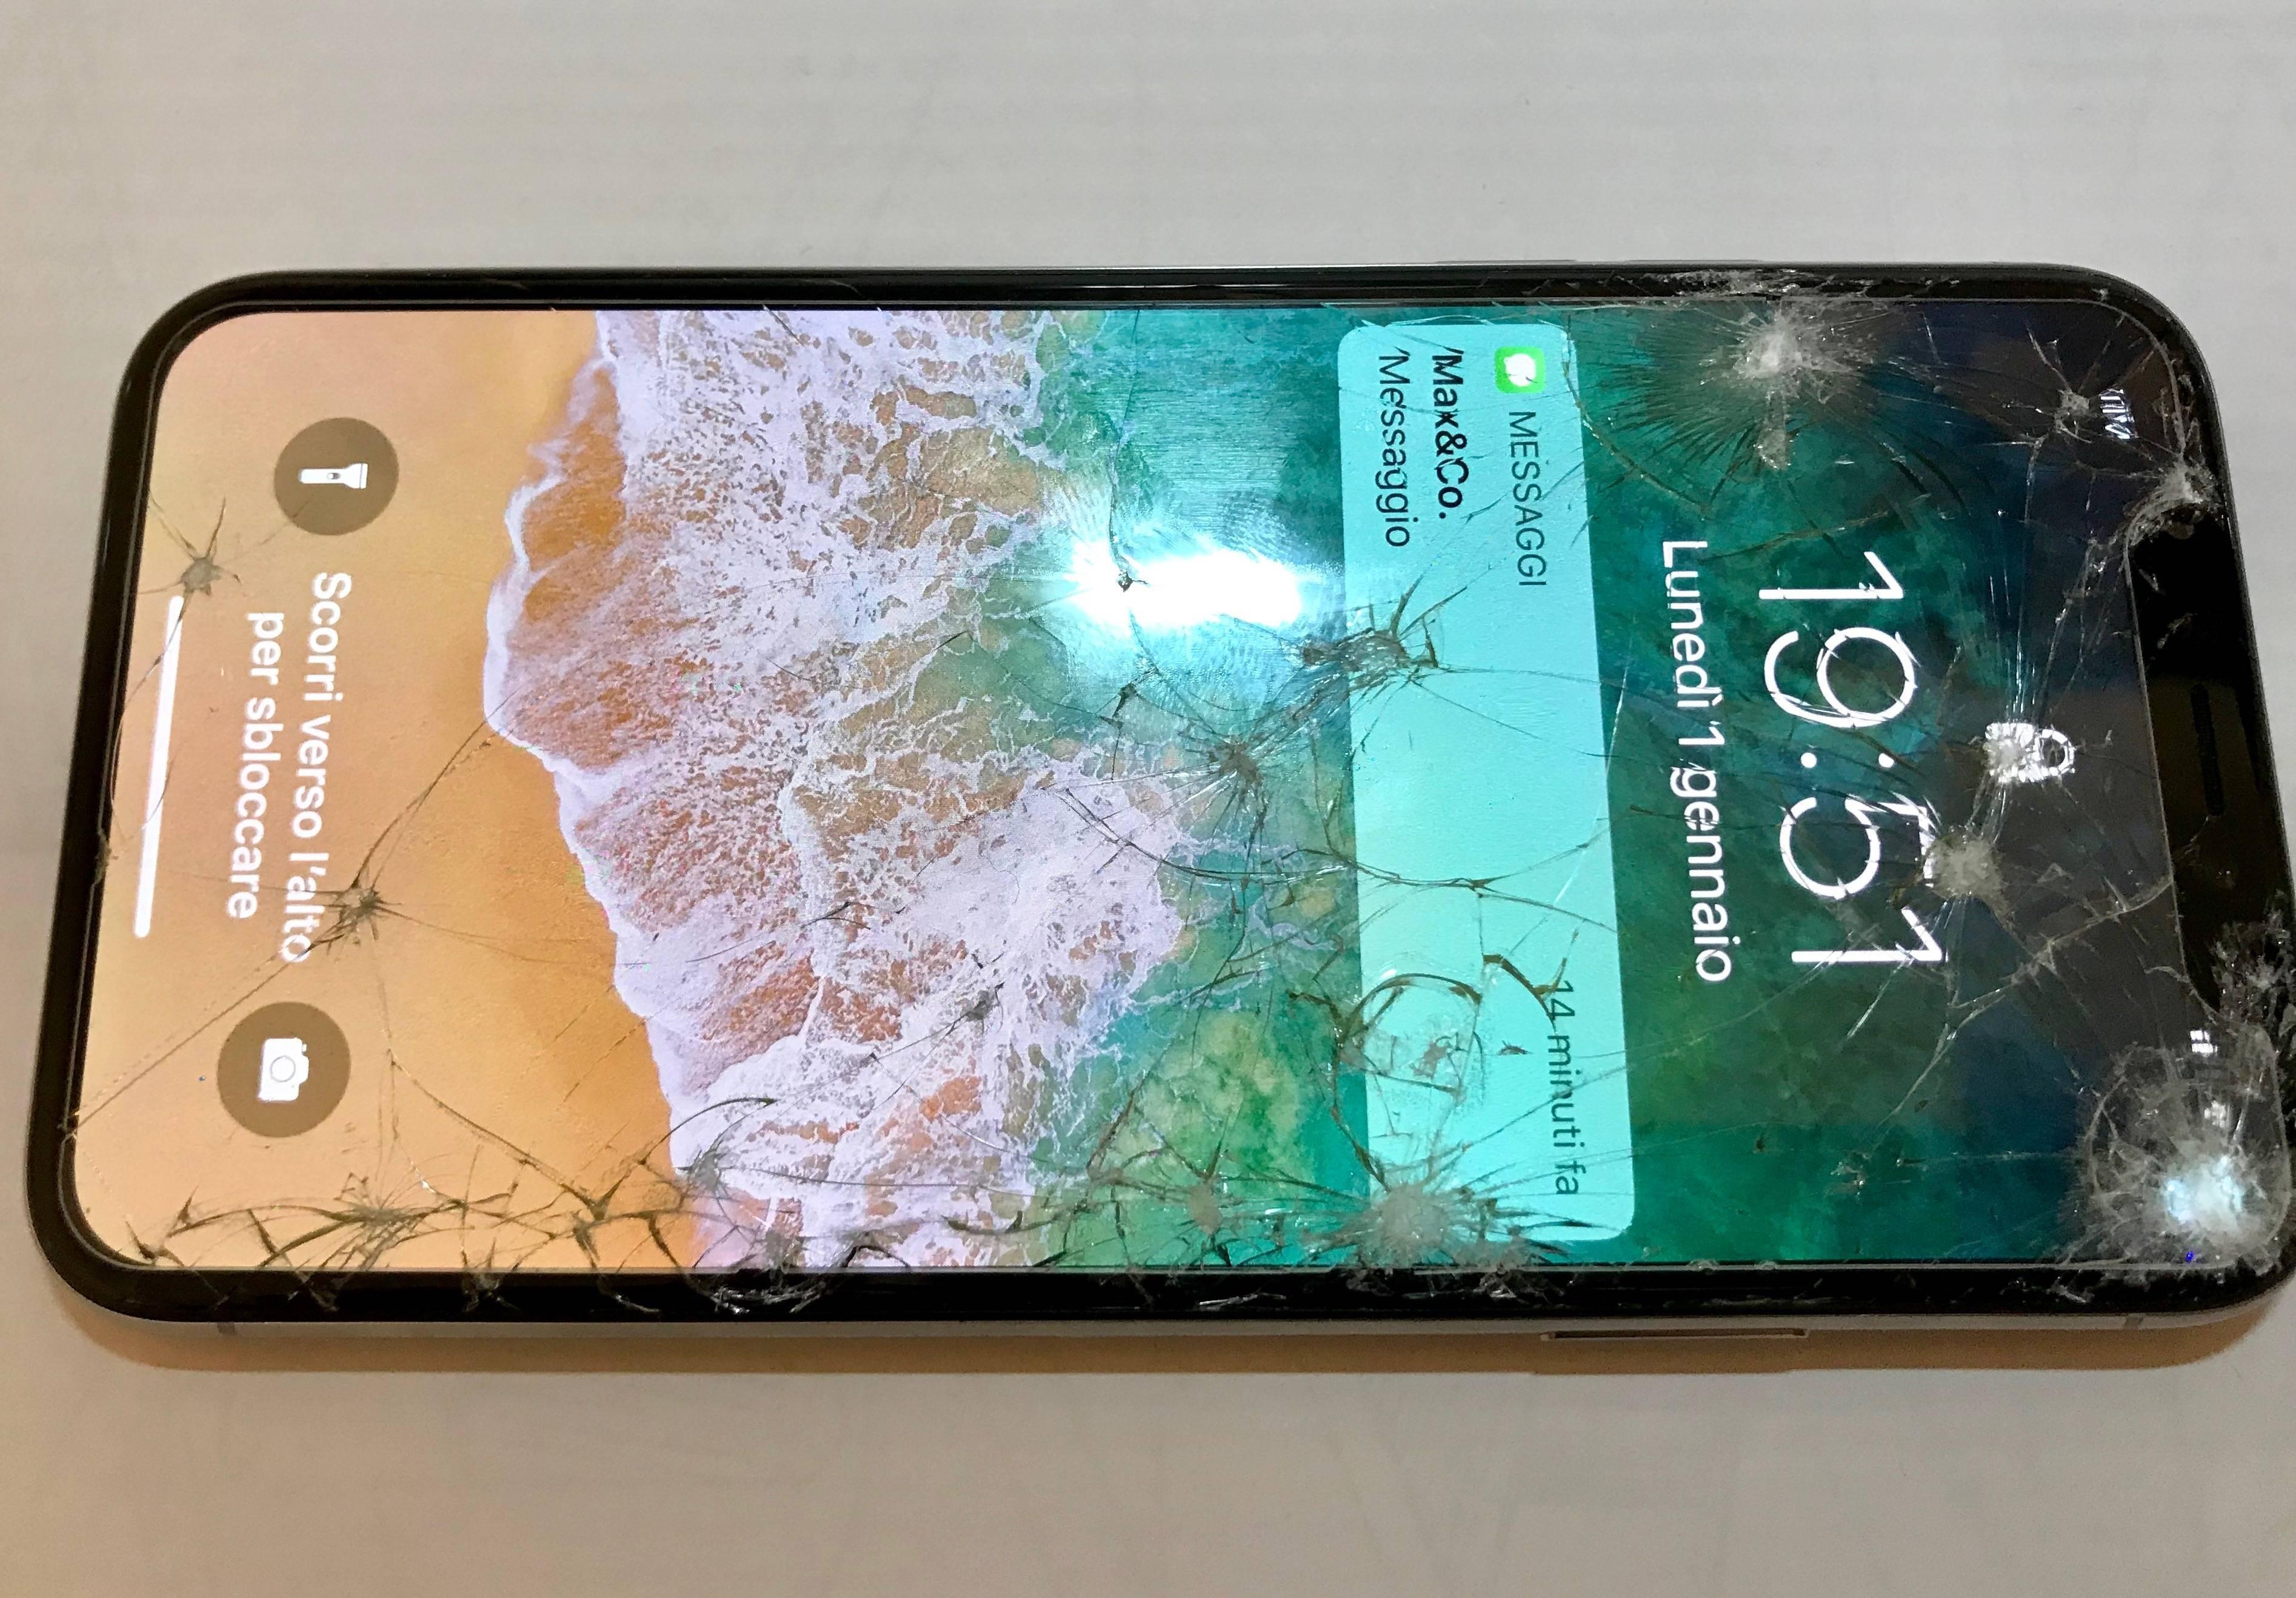 راهنمای تعویض گلس یا شیشه شکسته Apple iPhone X